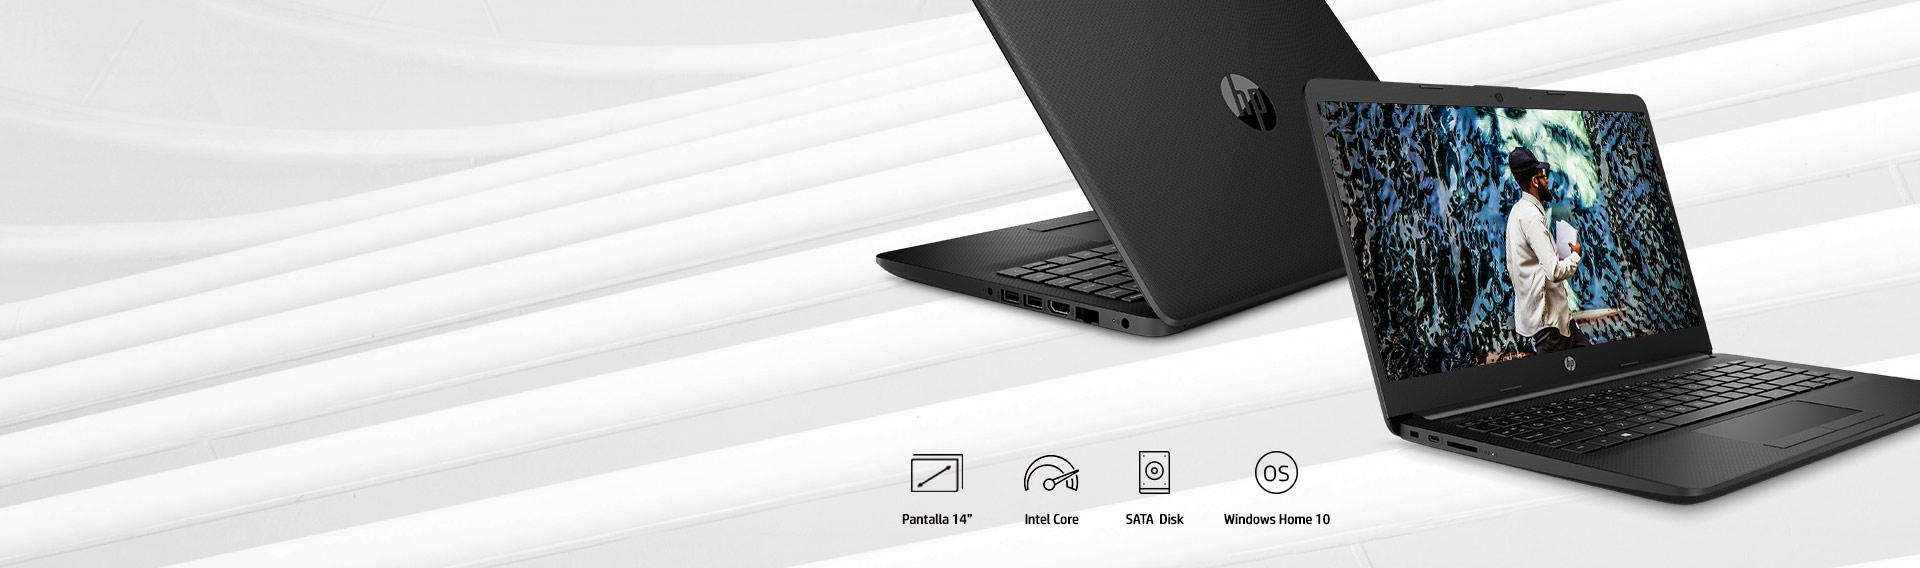 Línea HP 240. Desarrollada para negocios, con diseño móvil resistente. Conoce sus beneficios a precios incomparables.